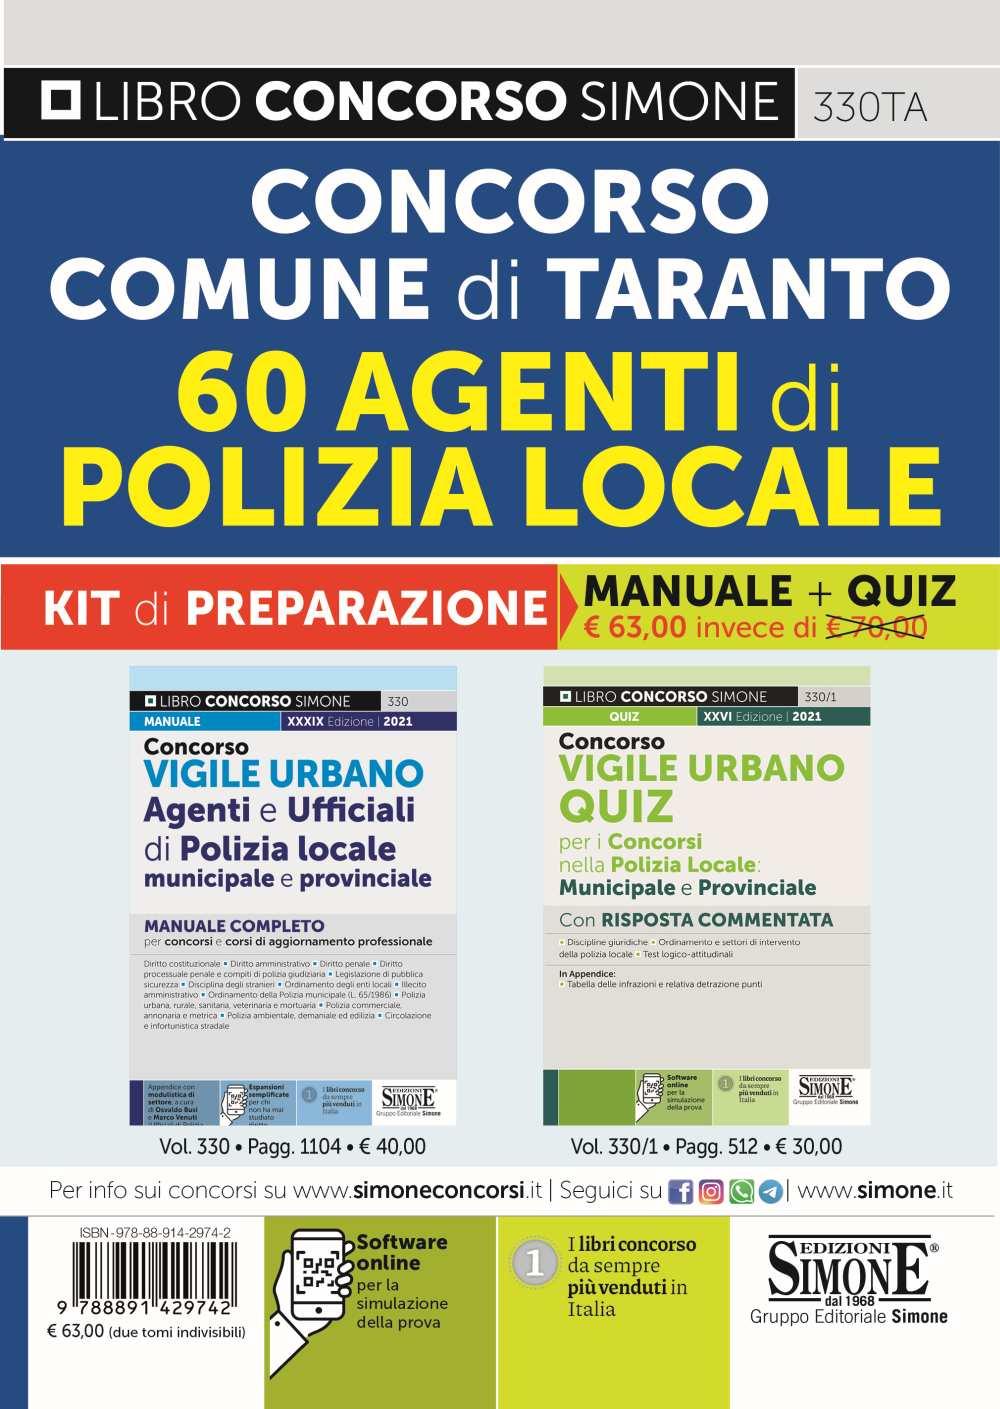 Concorso Comune di Taranto KIT di preparazione